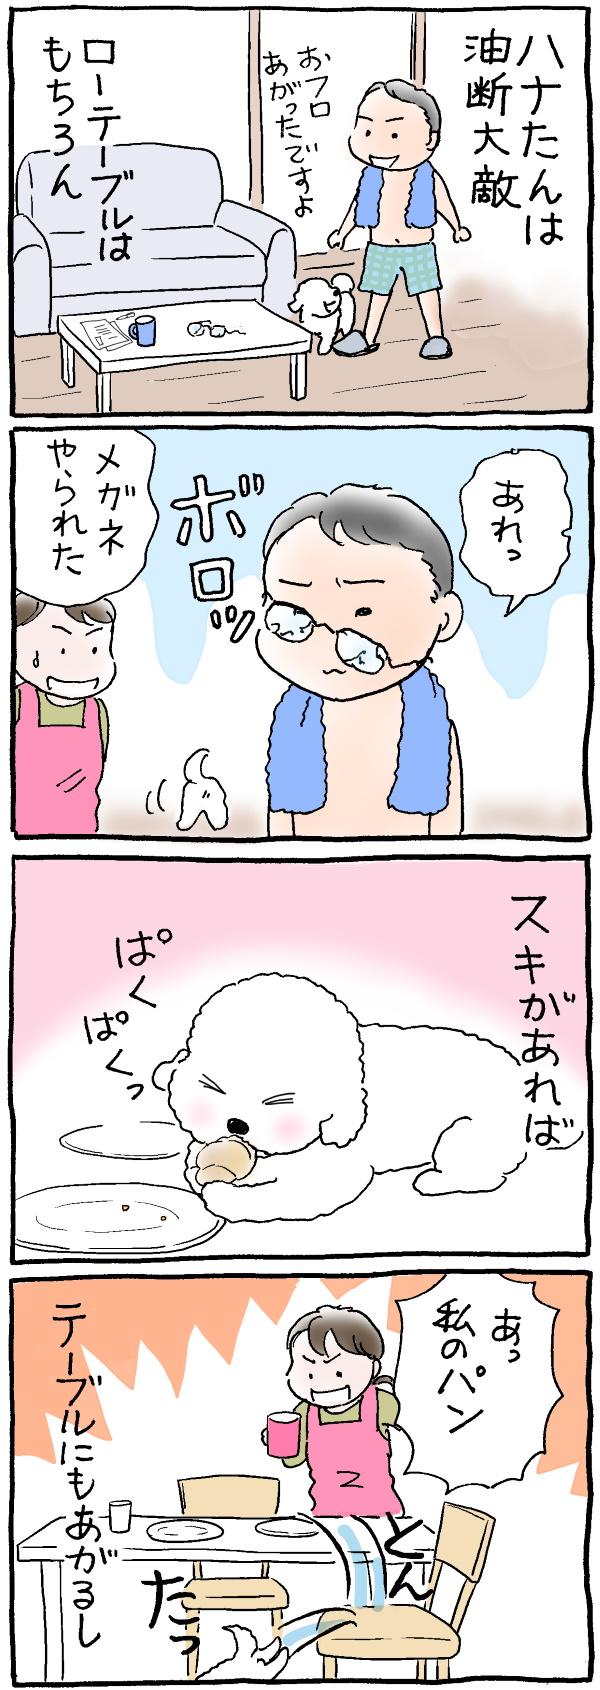 ハナちゃん大掃除1